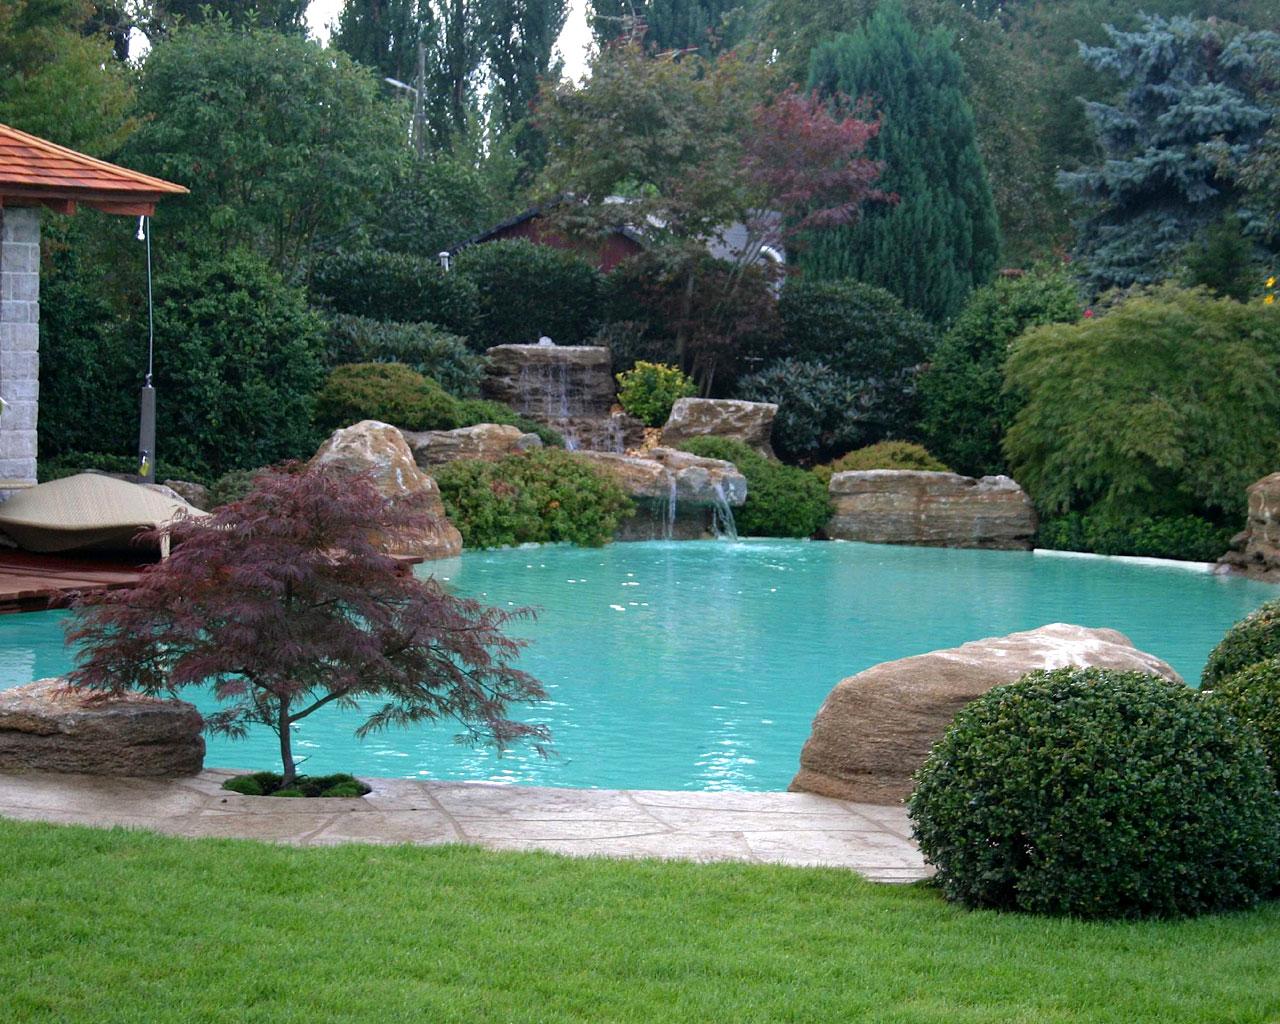 natural pools - wasser garten kirchner, Gartenarbeit ideen